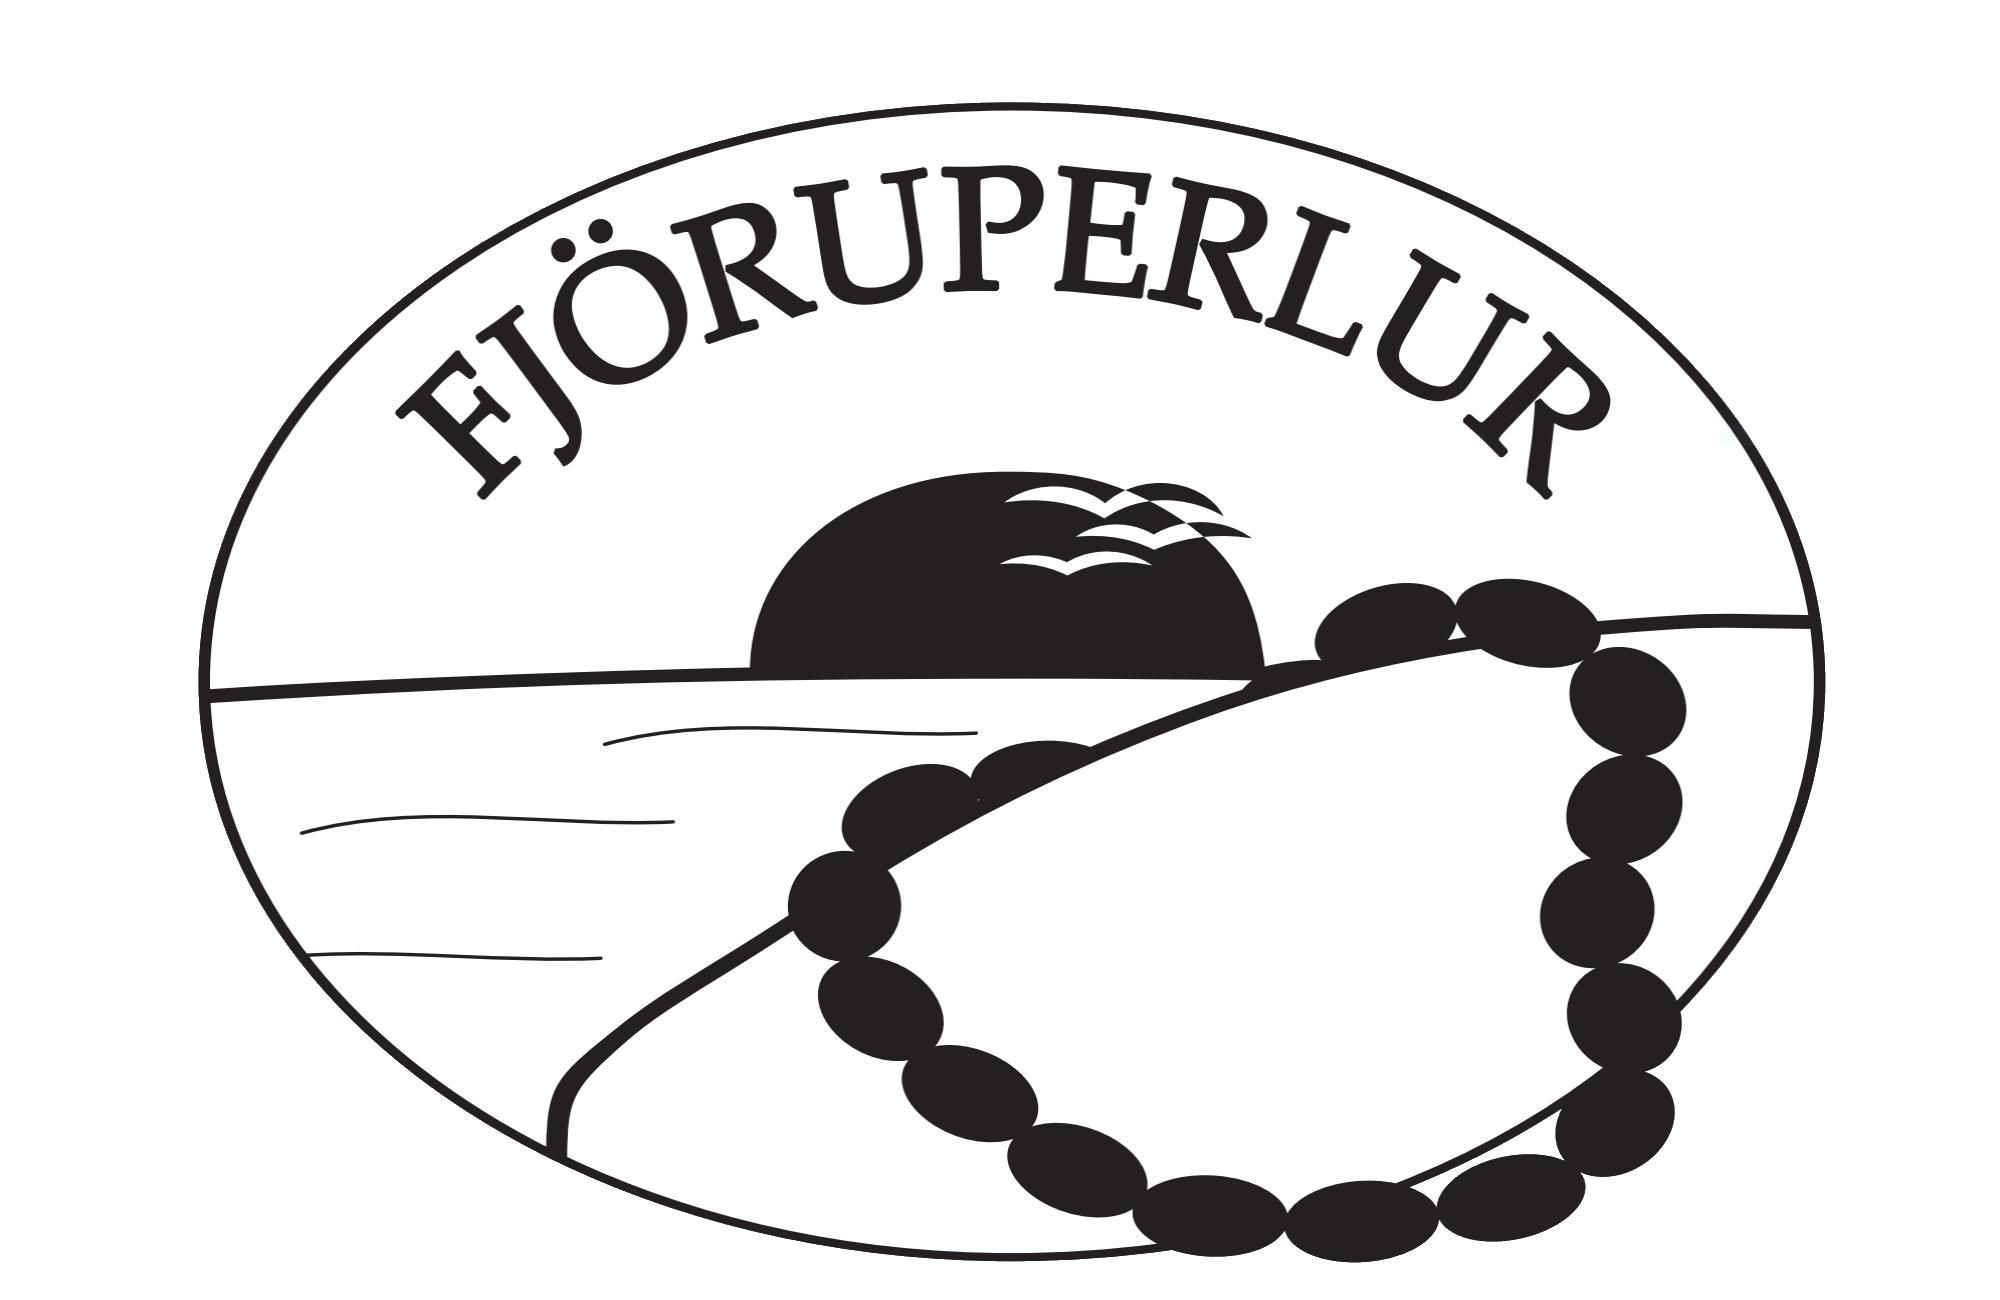 Fjöruperlur